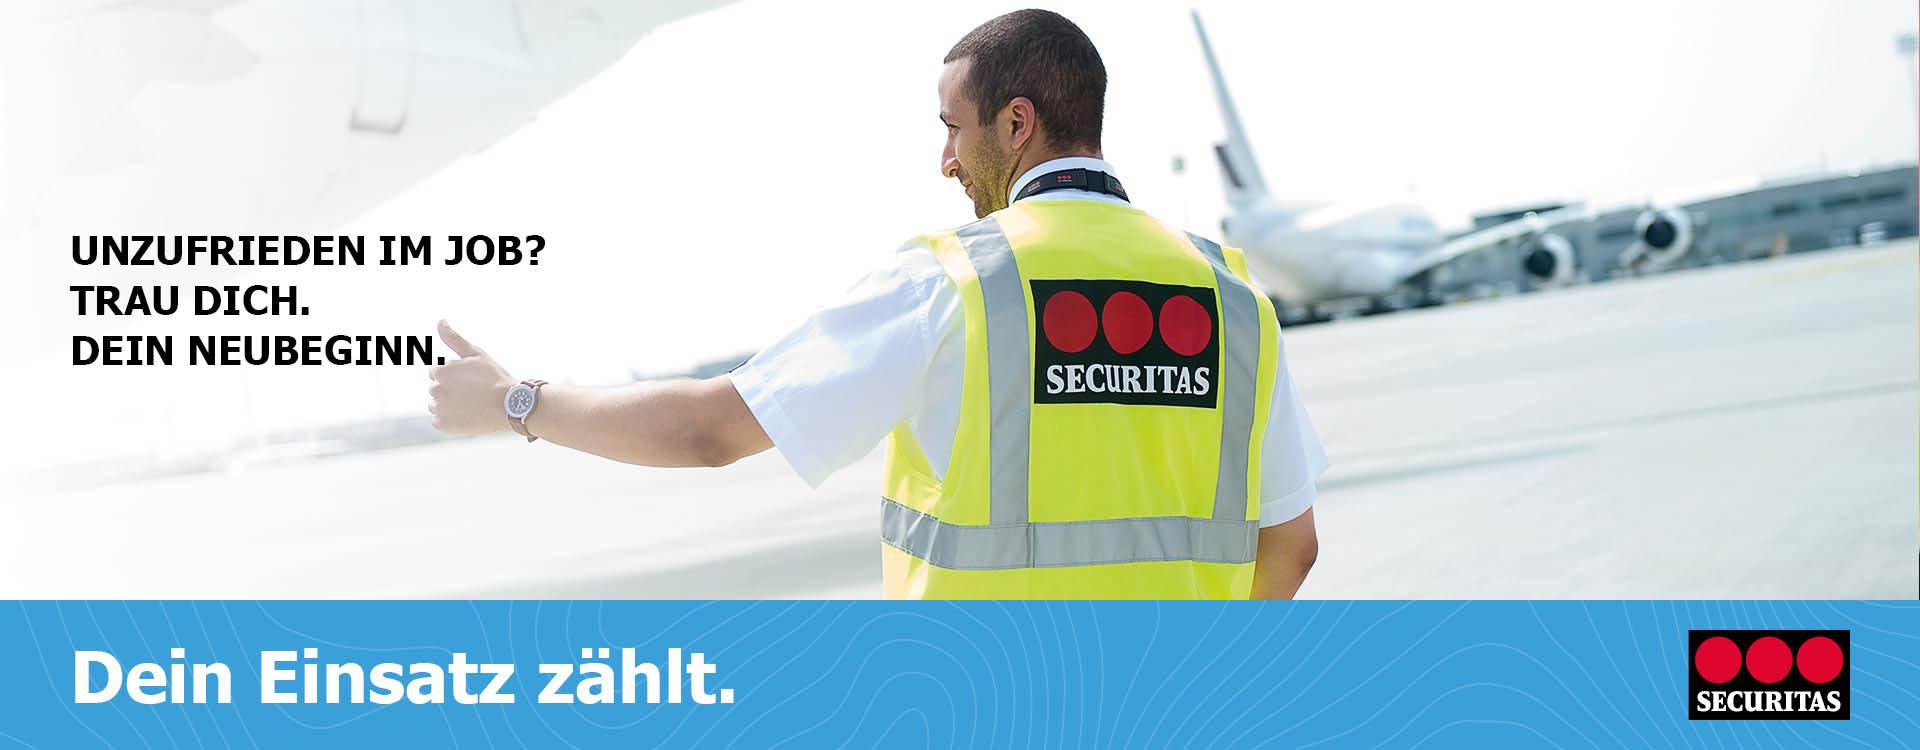 Bewerbung luftsicherheitsassistent